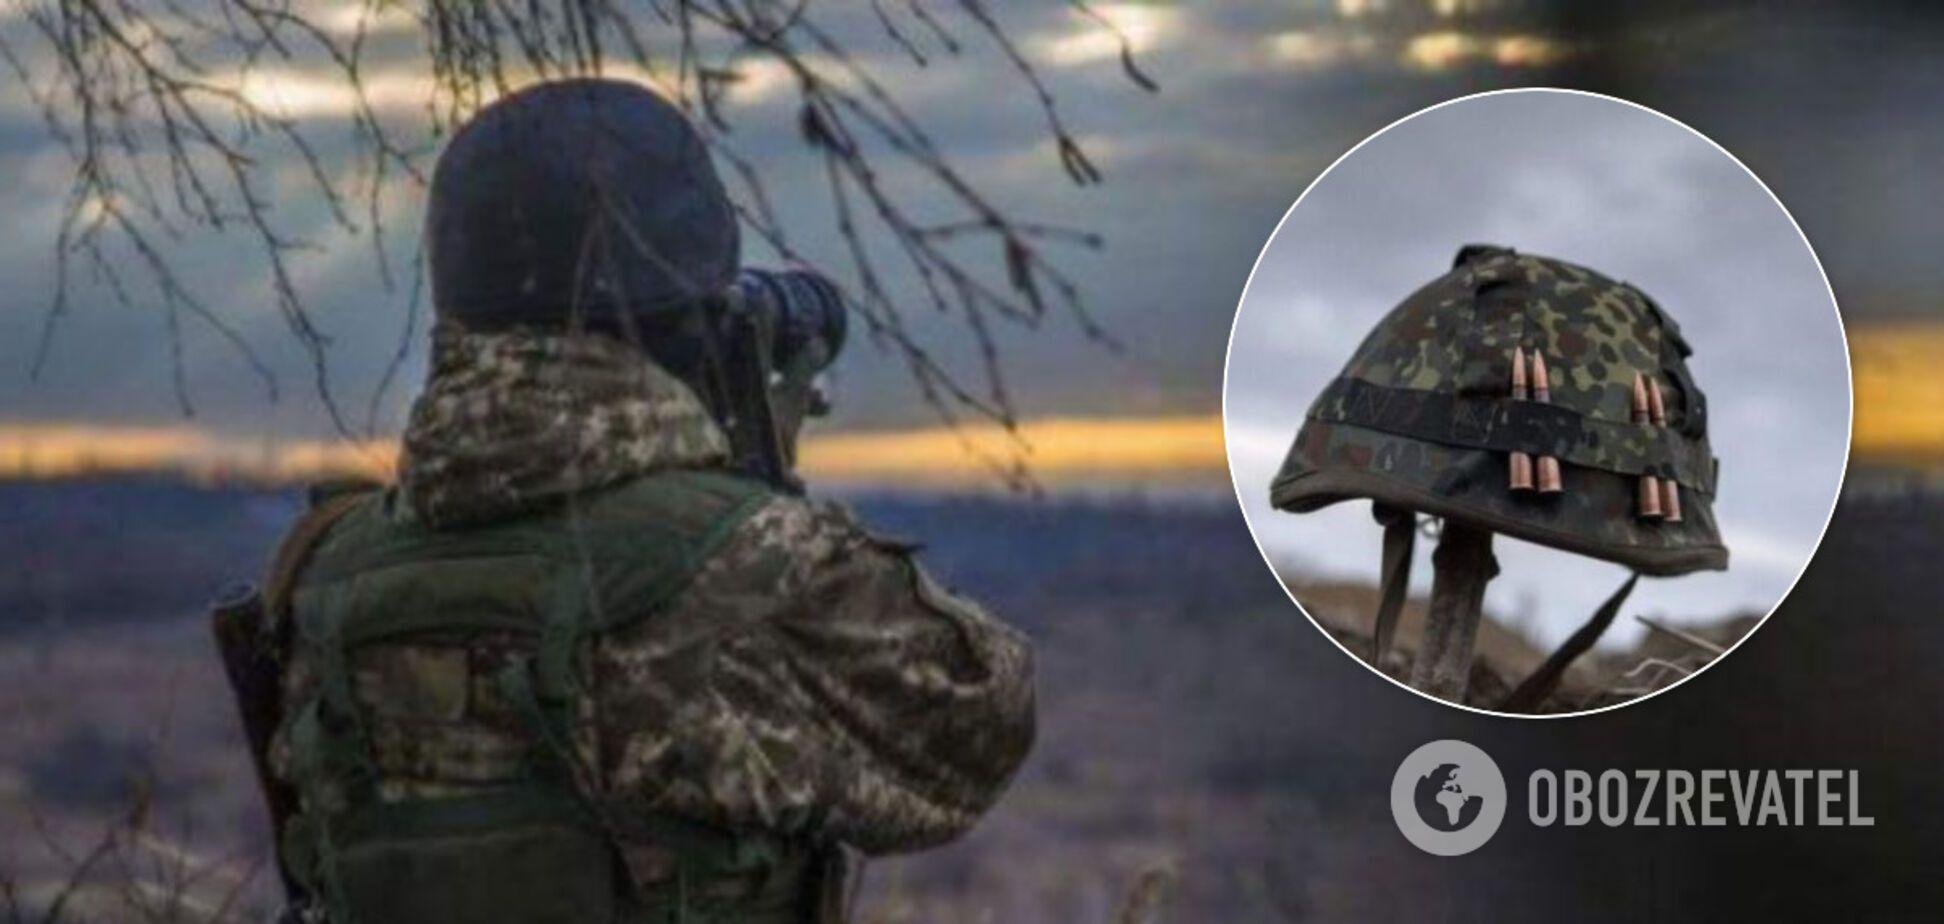 Російські військові вбили бійця ЗСУ: розв'язалися криваві бої